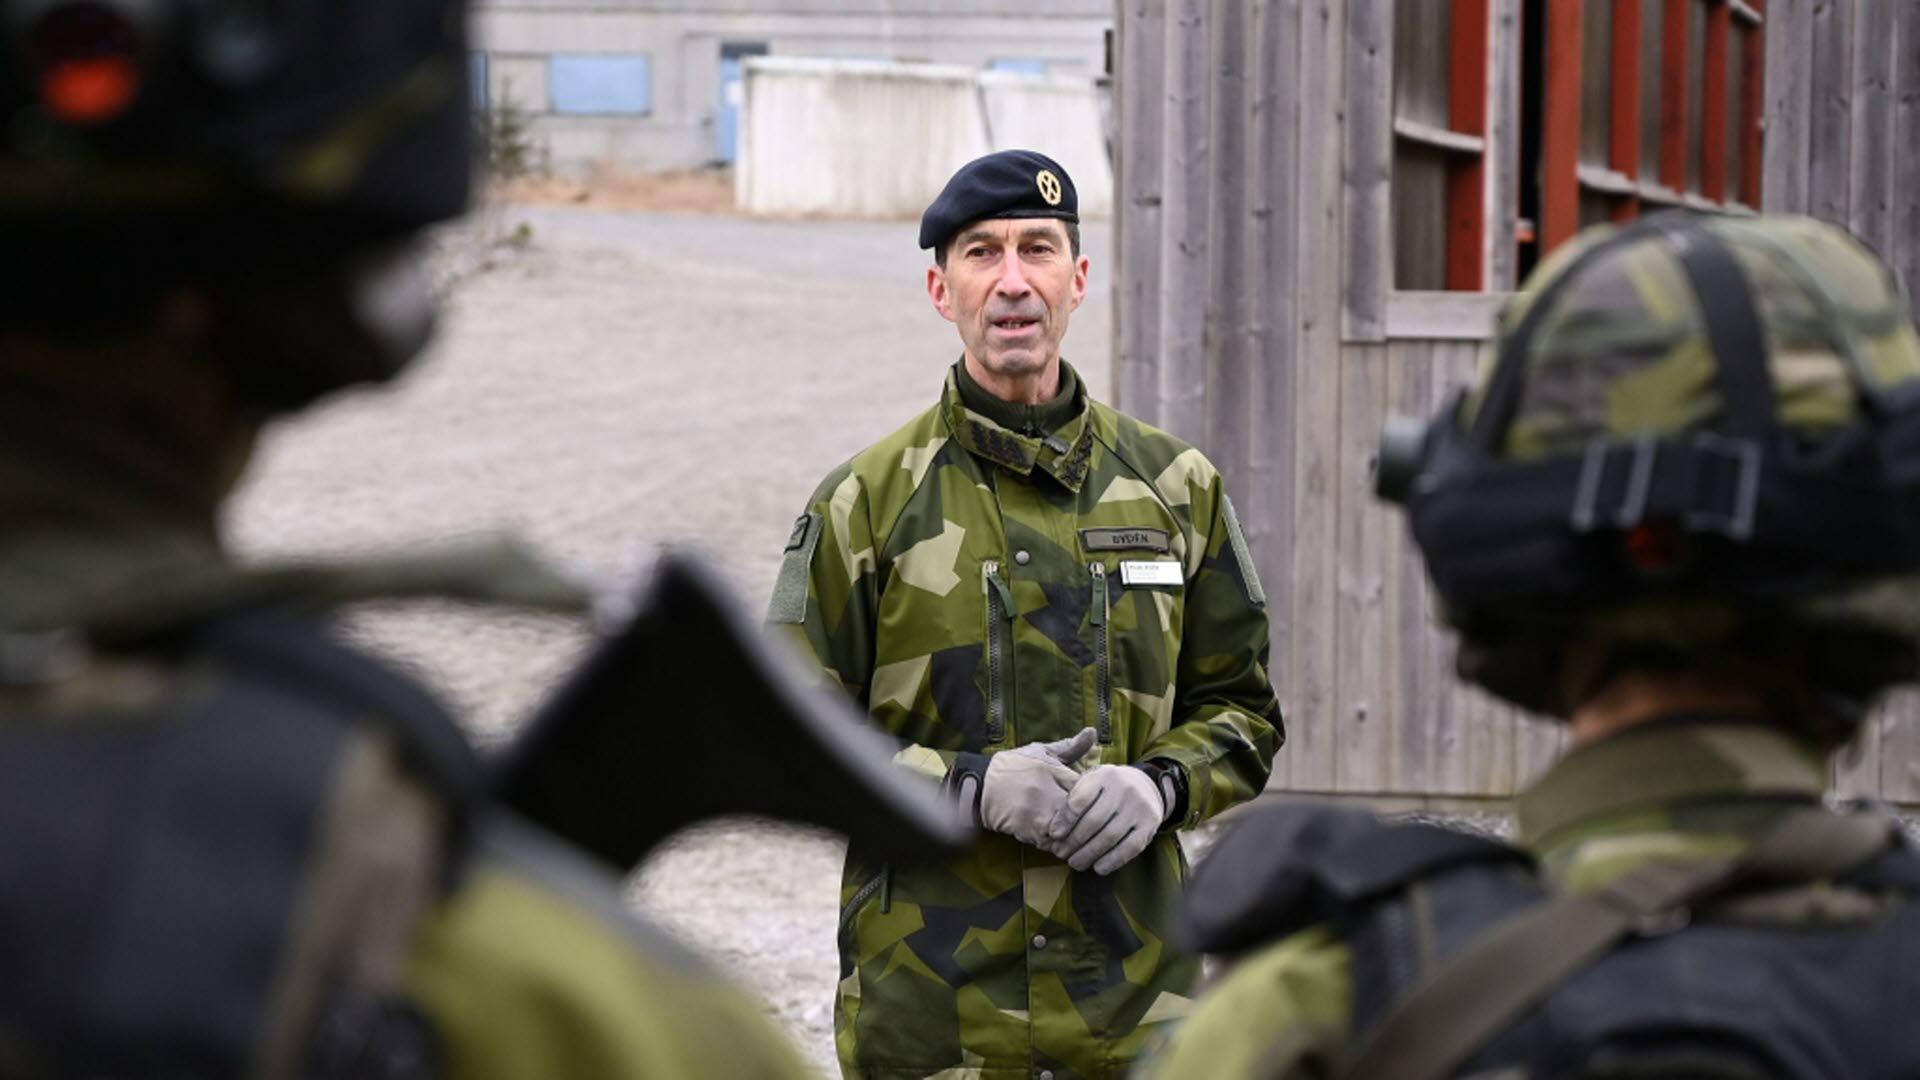 Foto: Svante Rinalder/ Försvarsmakten